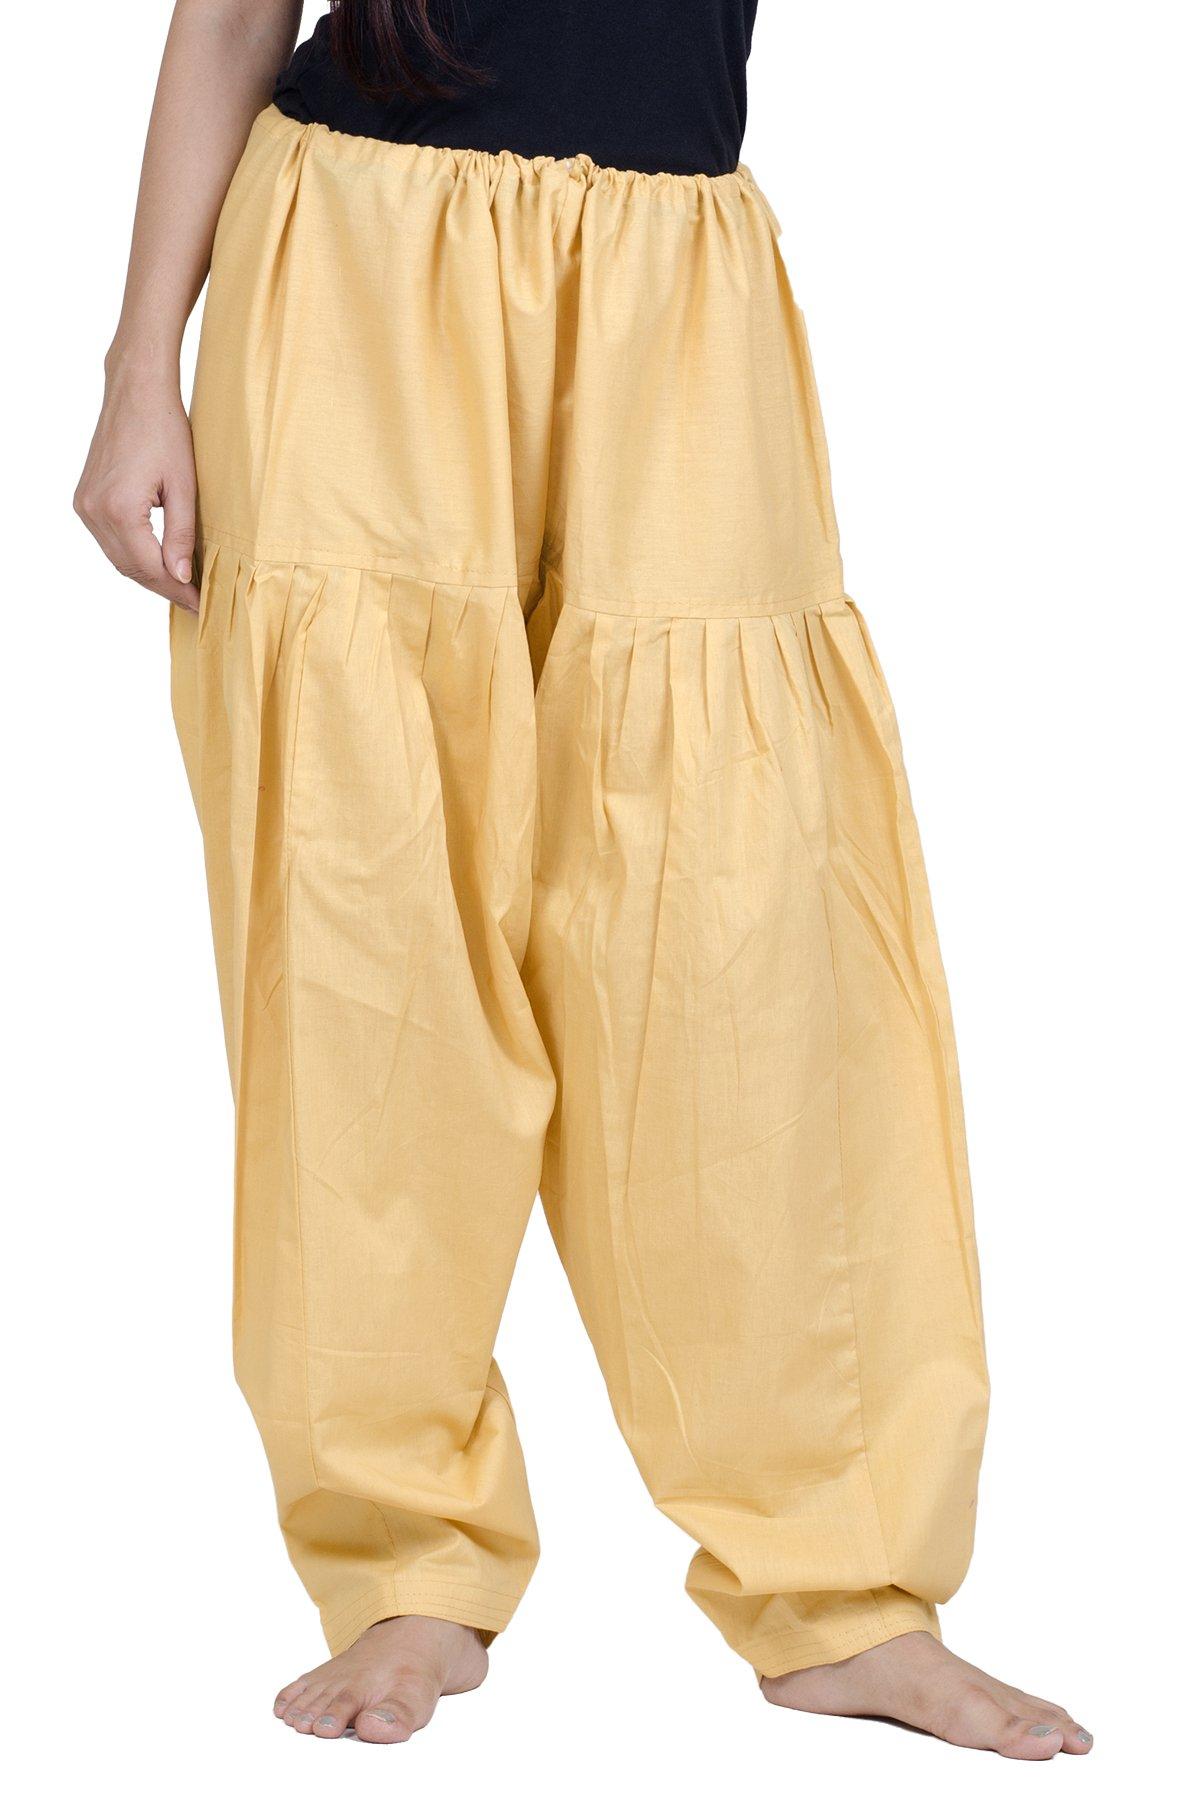 Chandrakala Women's Beige Pure Cotton Plain Semi Patiala Dhoti Salwar Indian Pants(P107BEI3)